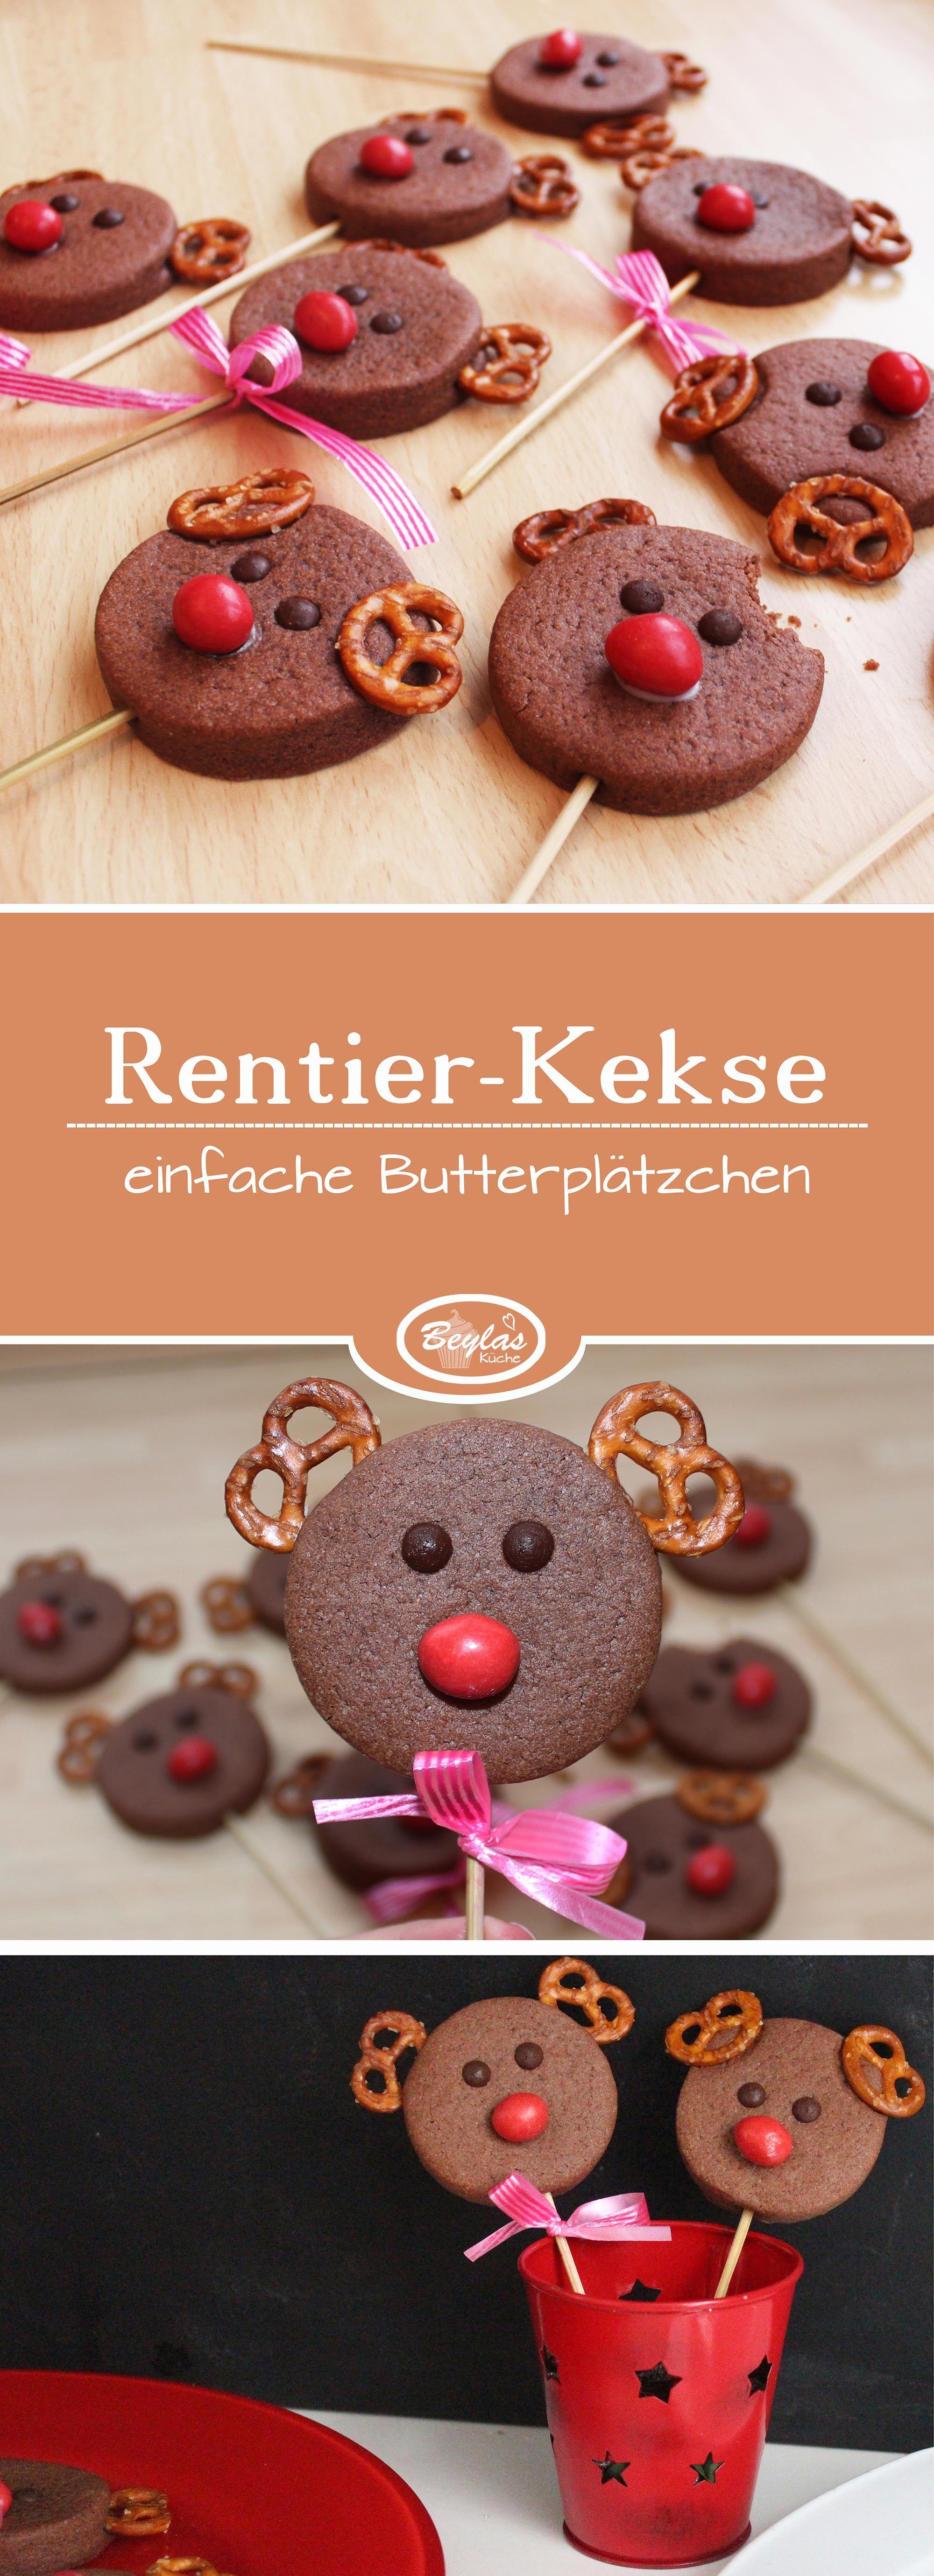 Rentier Kekse aus einfachen Butterplätzchen - ideal um mit Kindern gemeinsam zu backen. #kekseweihnachtenkinder